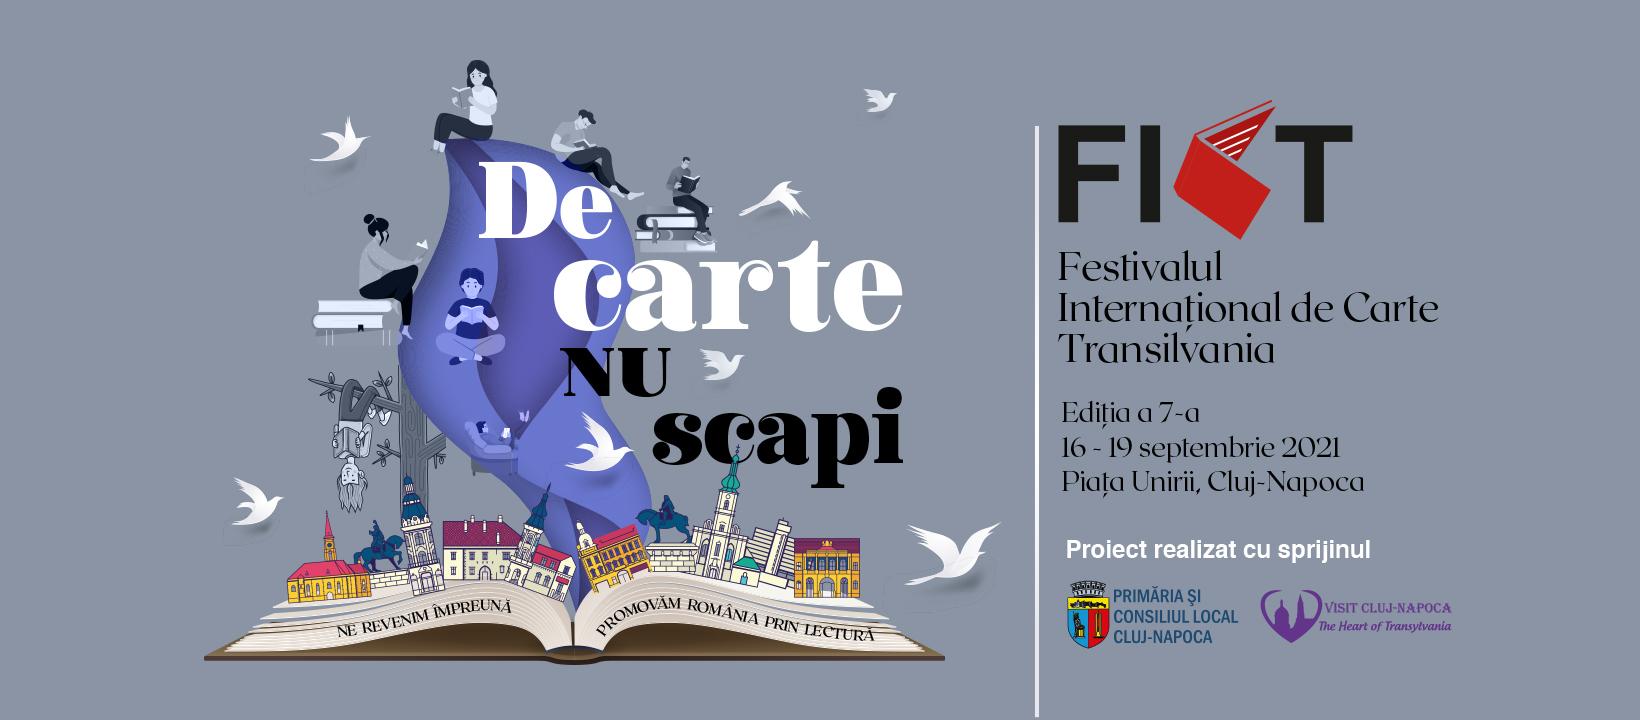 Festivalul Internațional de Carte Transilvania, Ediția a 7-a